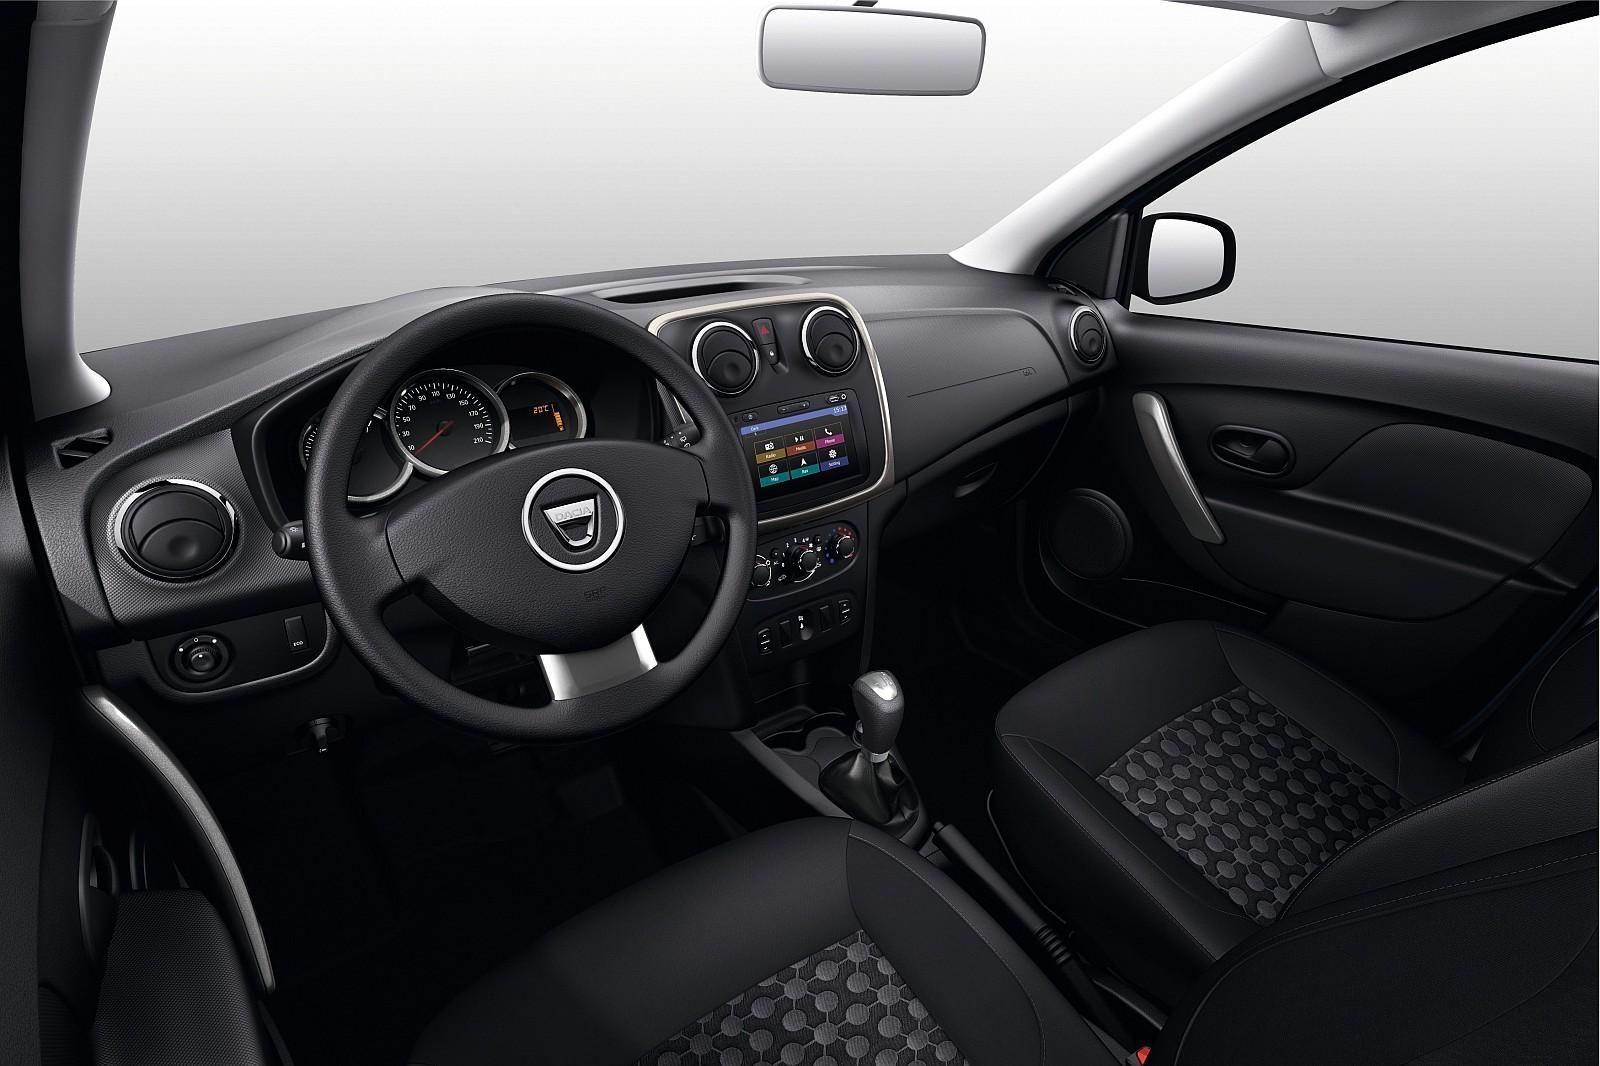 2016 Dacia Duster Essential Akcny model